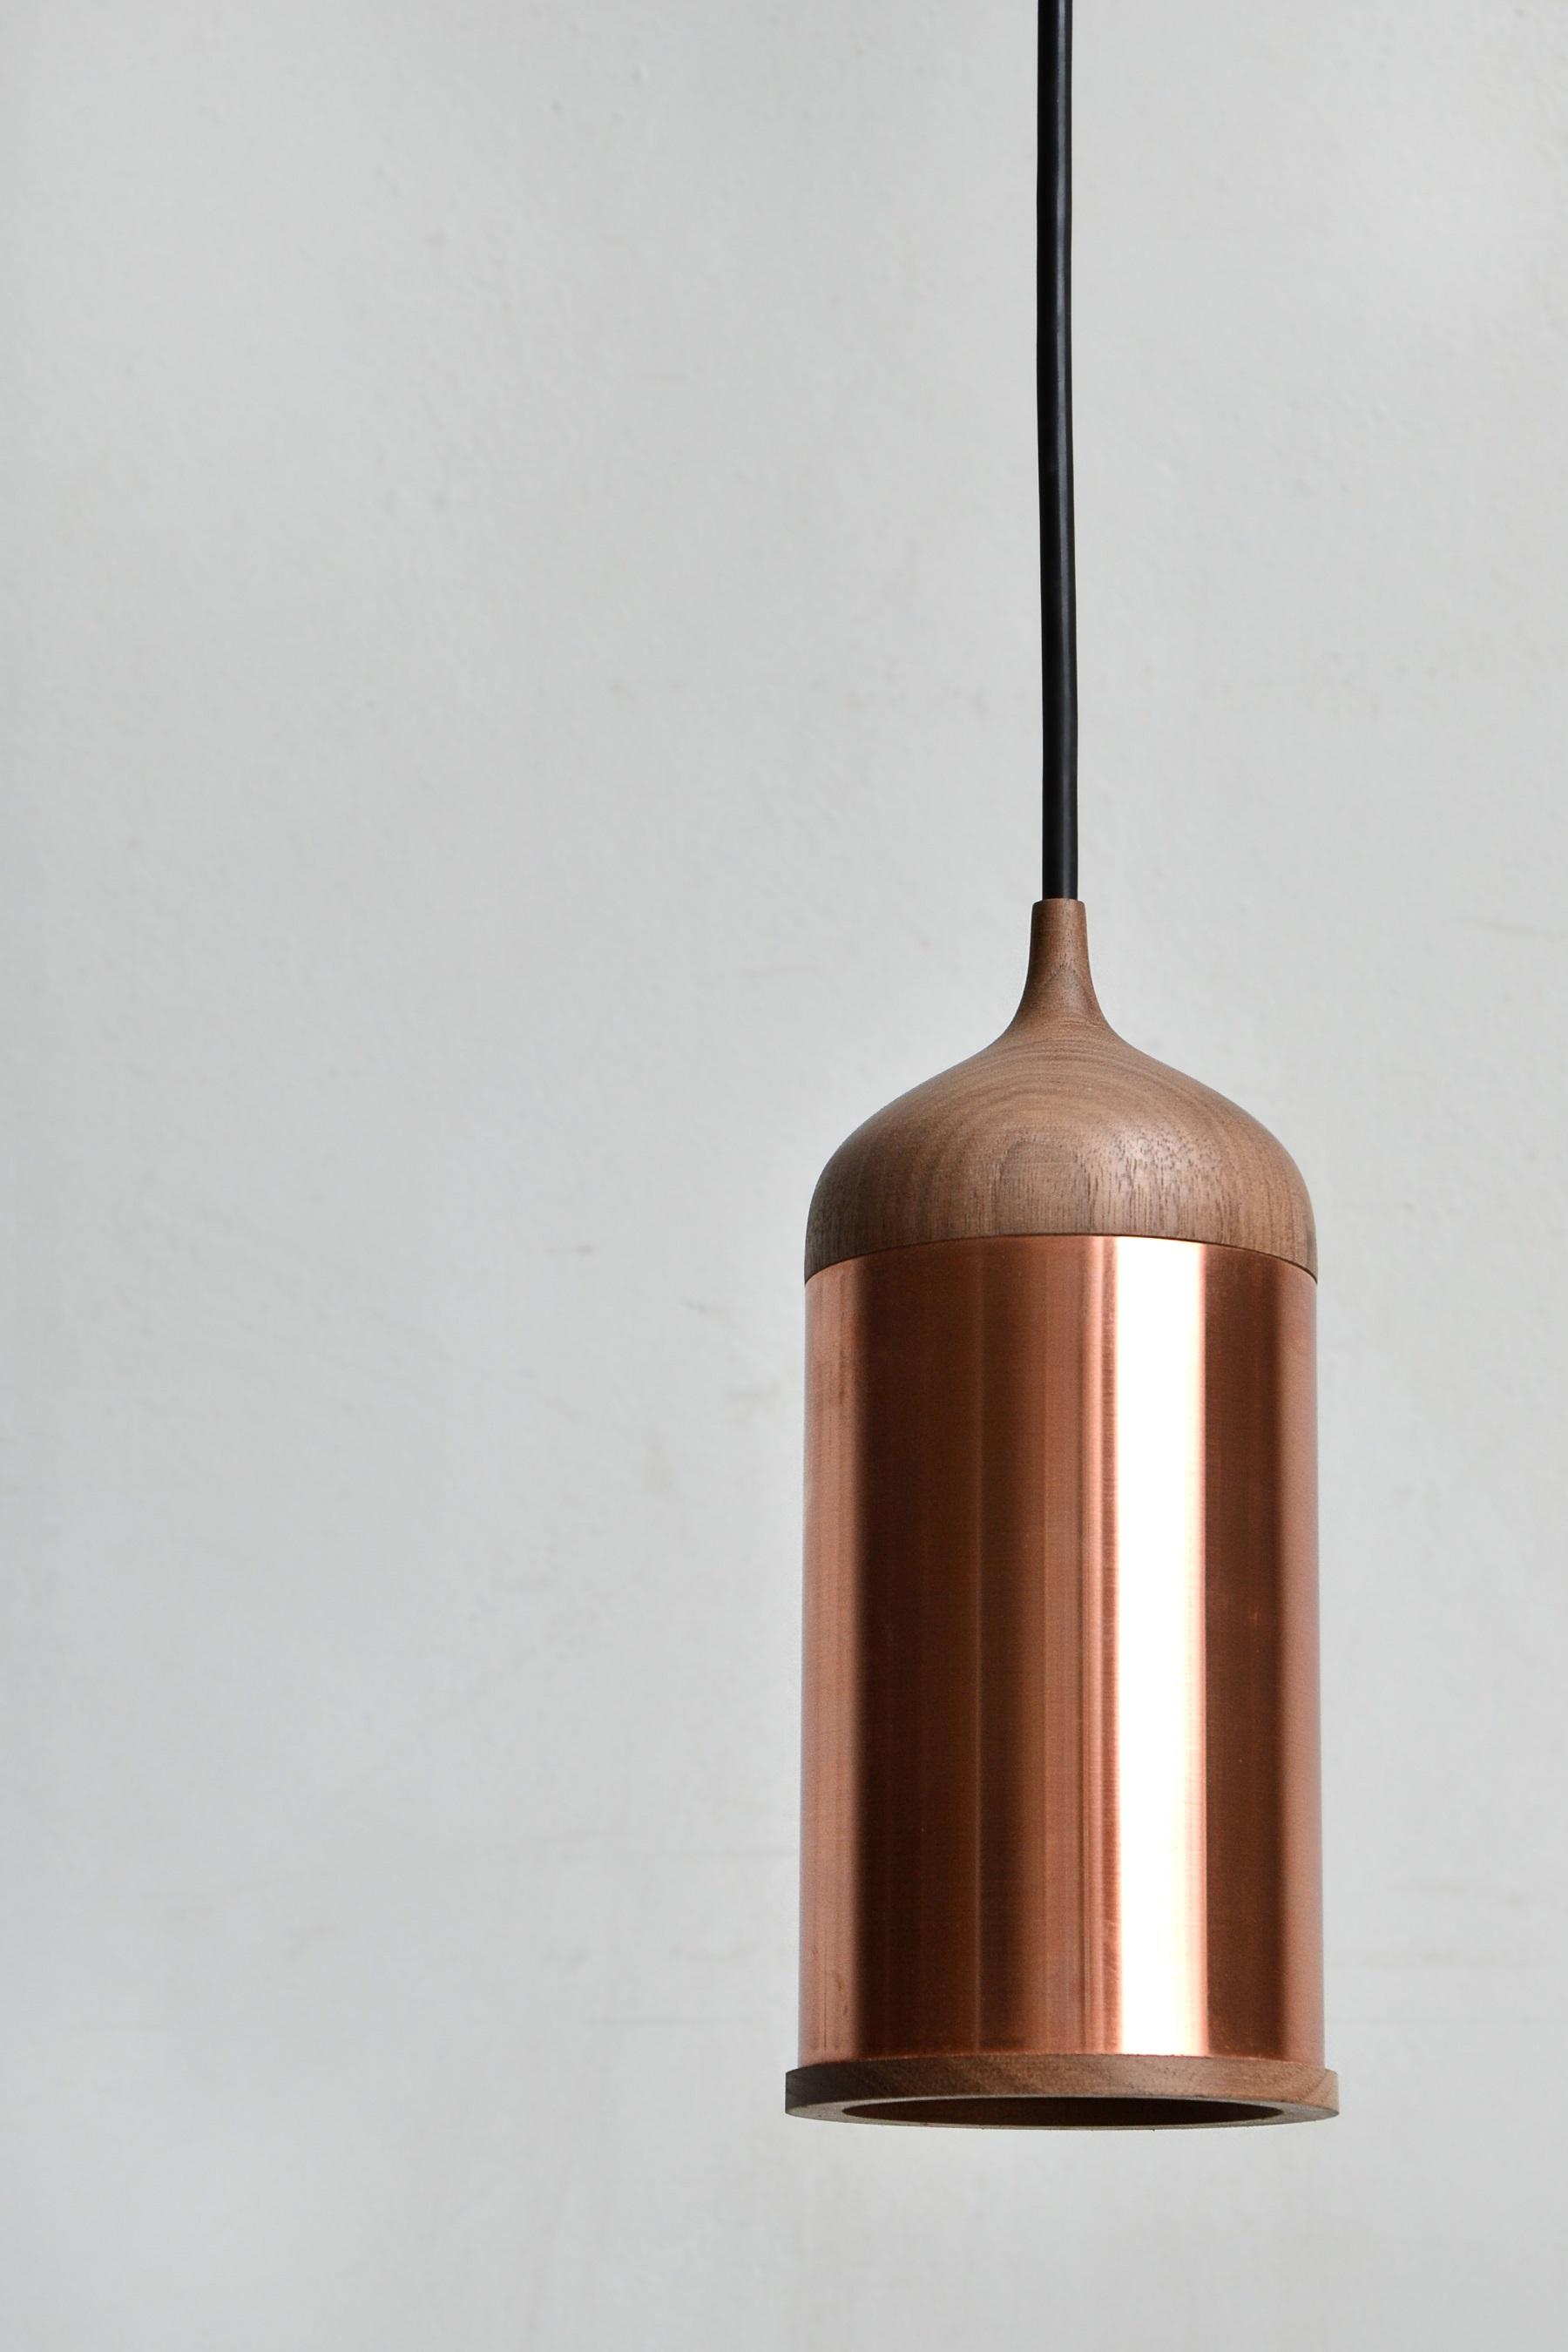 Copperlamp van Steven Banken